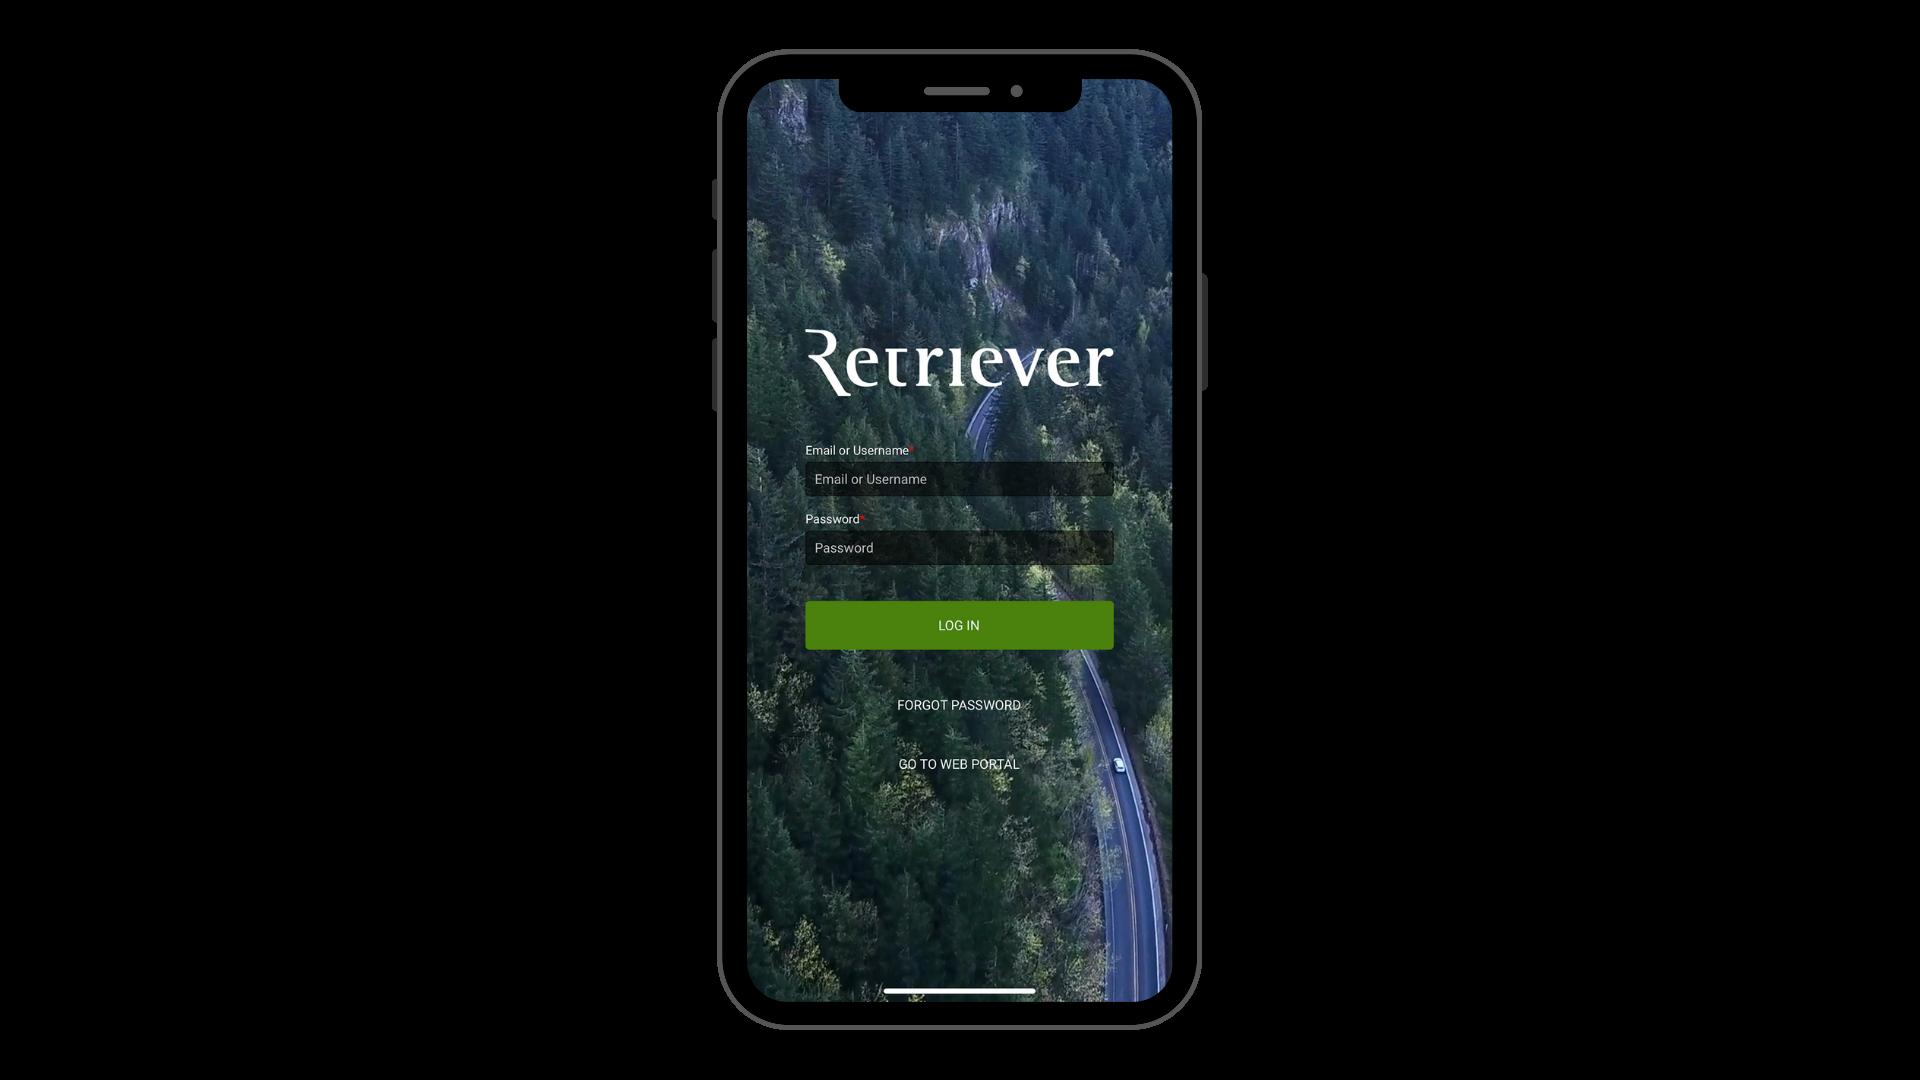 slider-retriever-app-image-0-start-v1